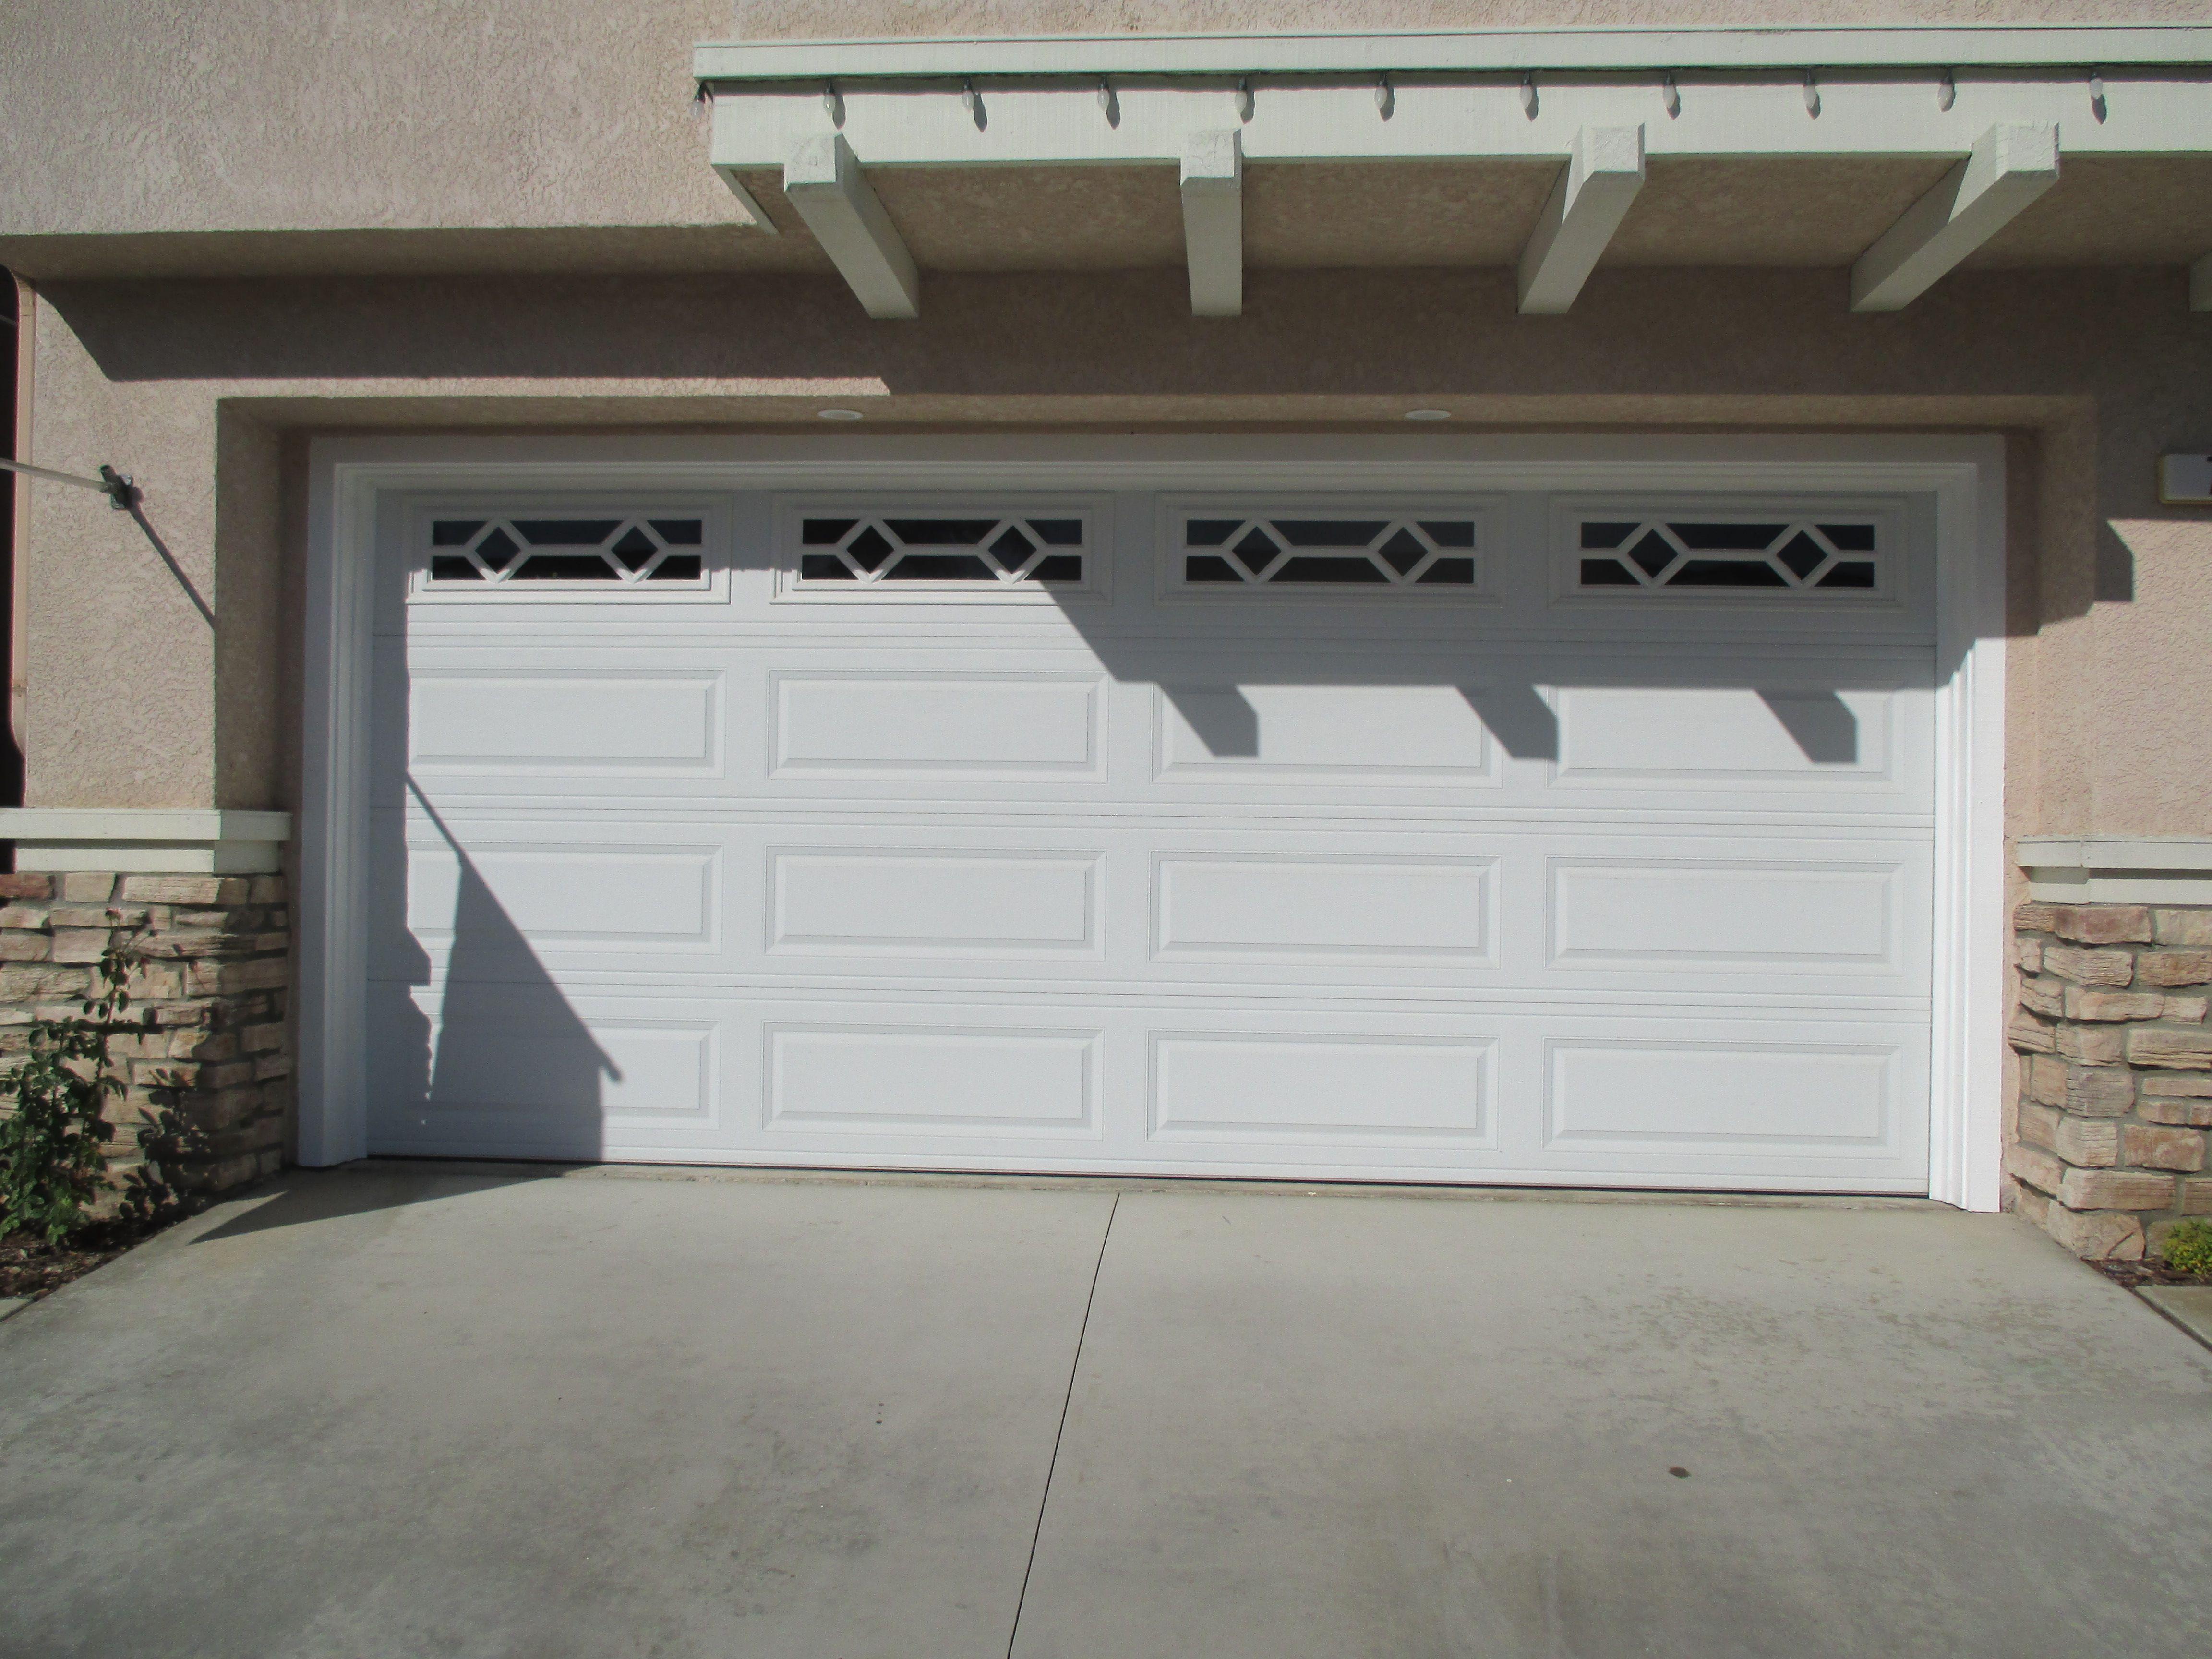 Motorized Garage Door Remote Control Screens Of Aliso Viejo California If You Live In California Summit In Aliso Vi Retractable Screen Door Garage Door Remote Control Interior Exterior